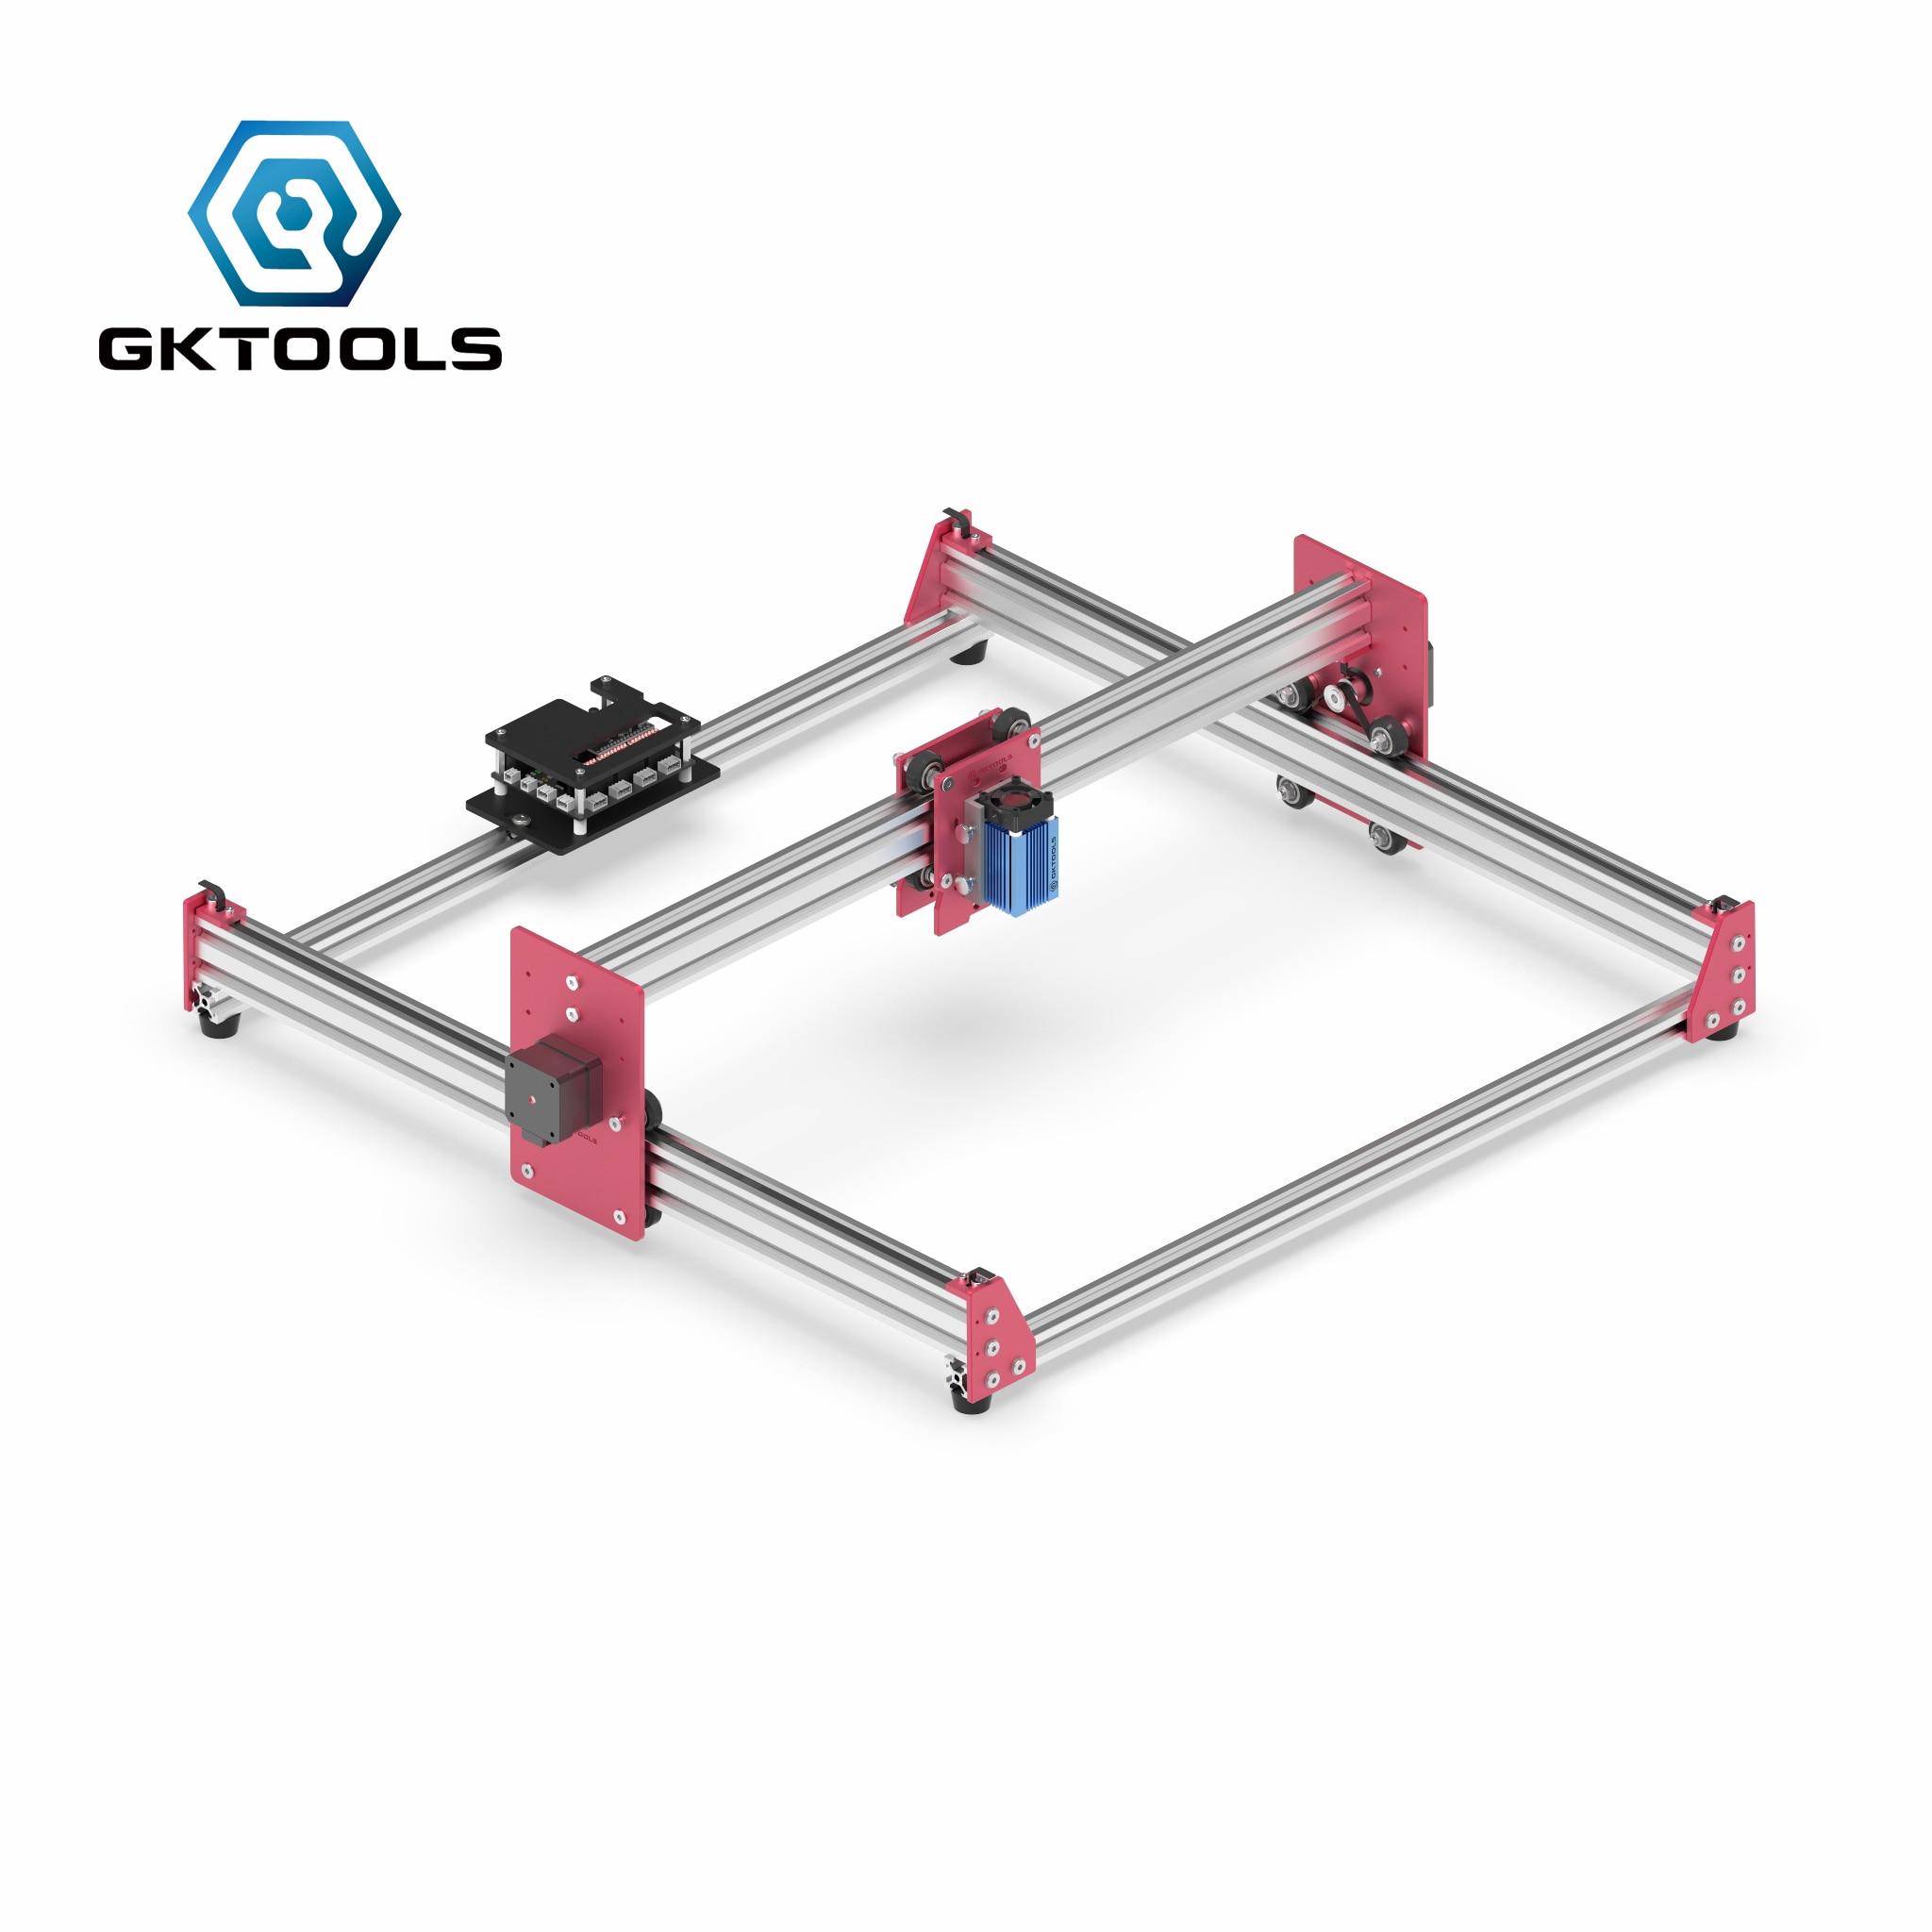 GKTOOLS tout métal 45*45cm 500 mW, 2500mW bois Mini CNC Laser graveur Cutter gravure bricolage Machine PWM, Benbox GRBL EleksMaker